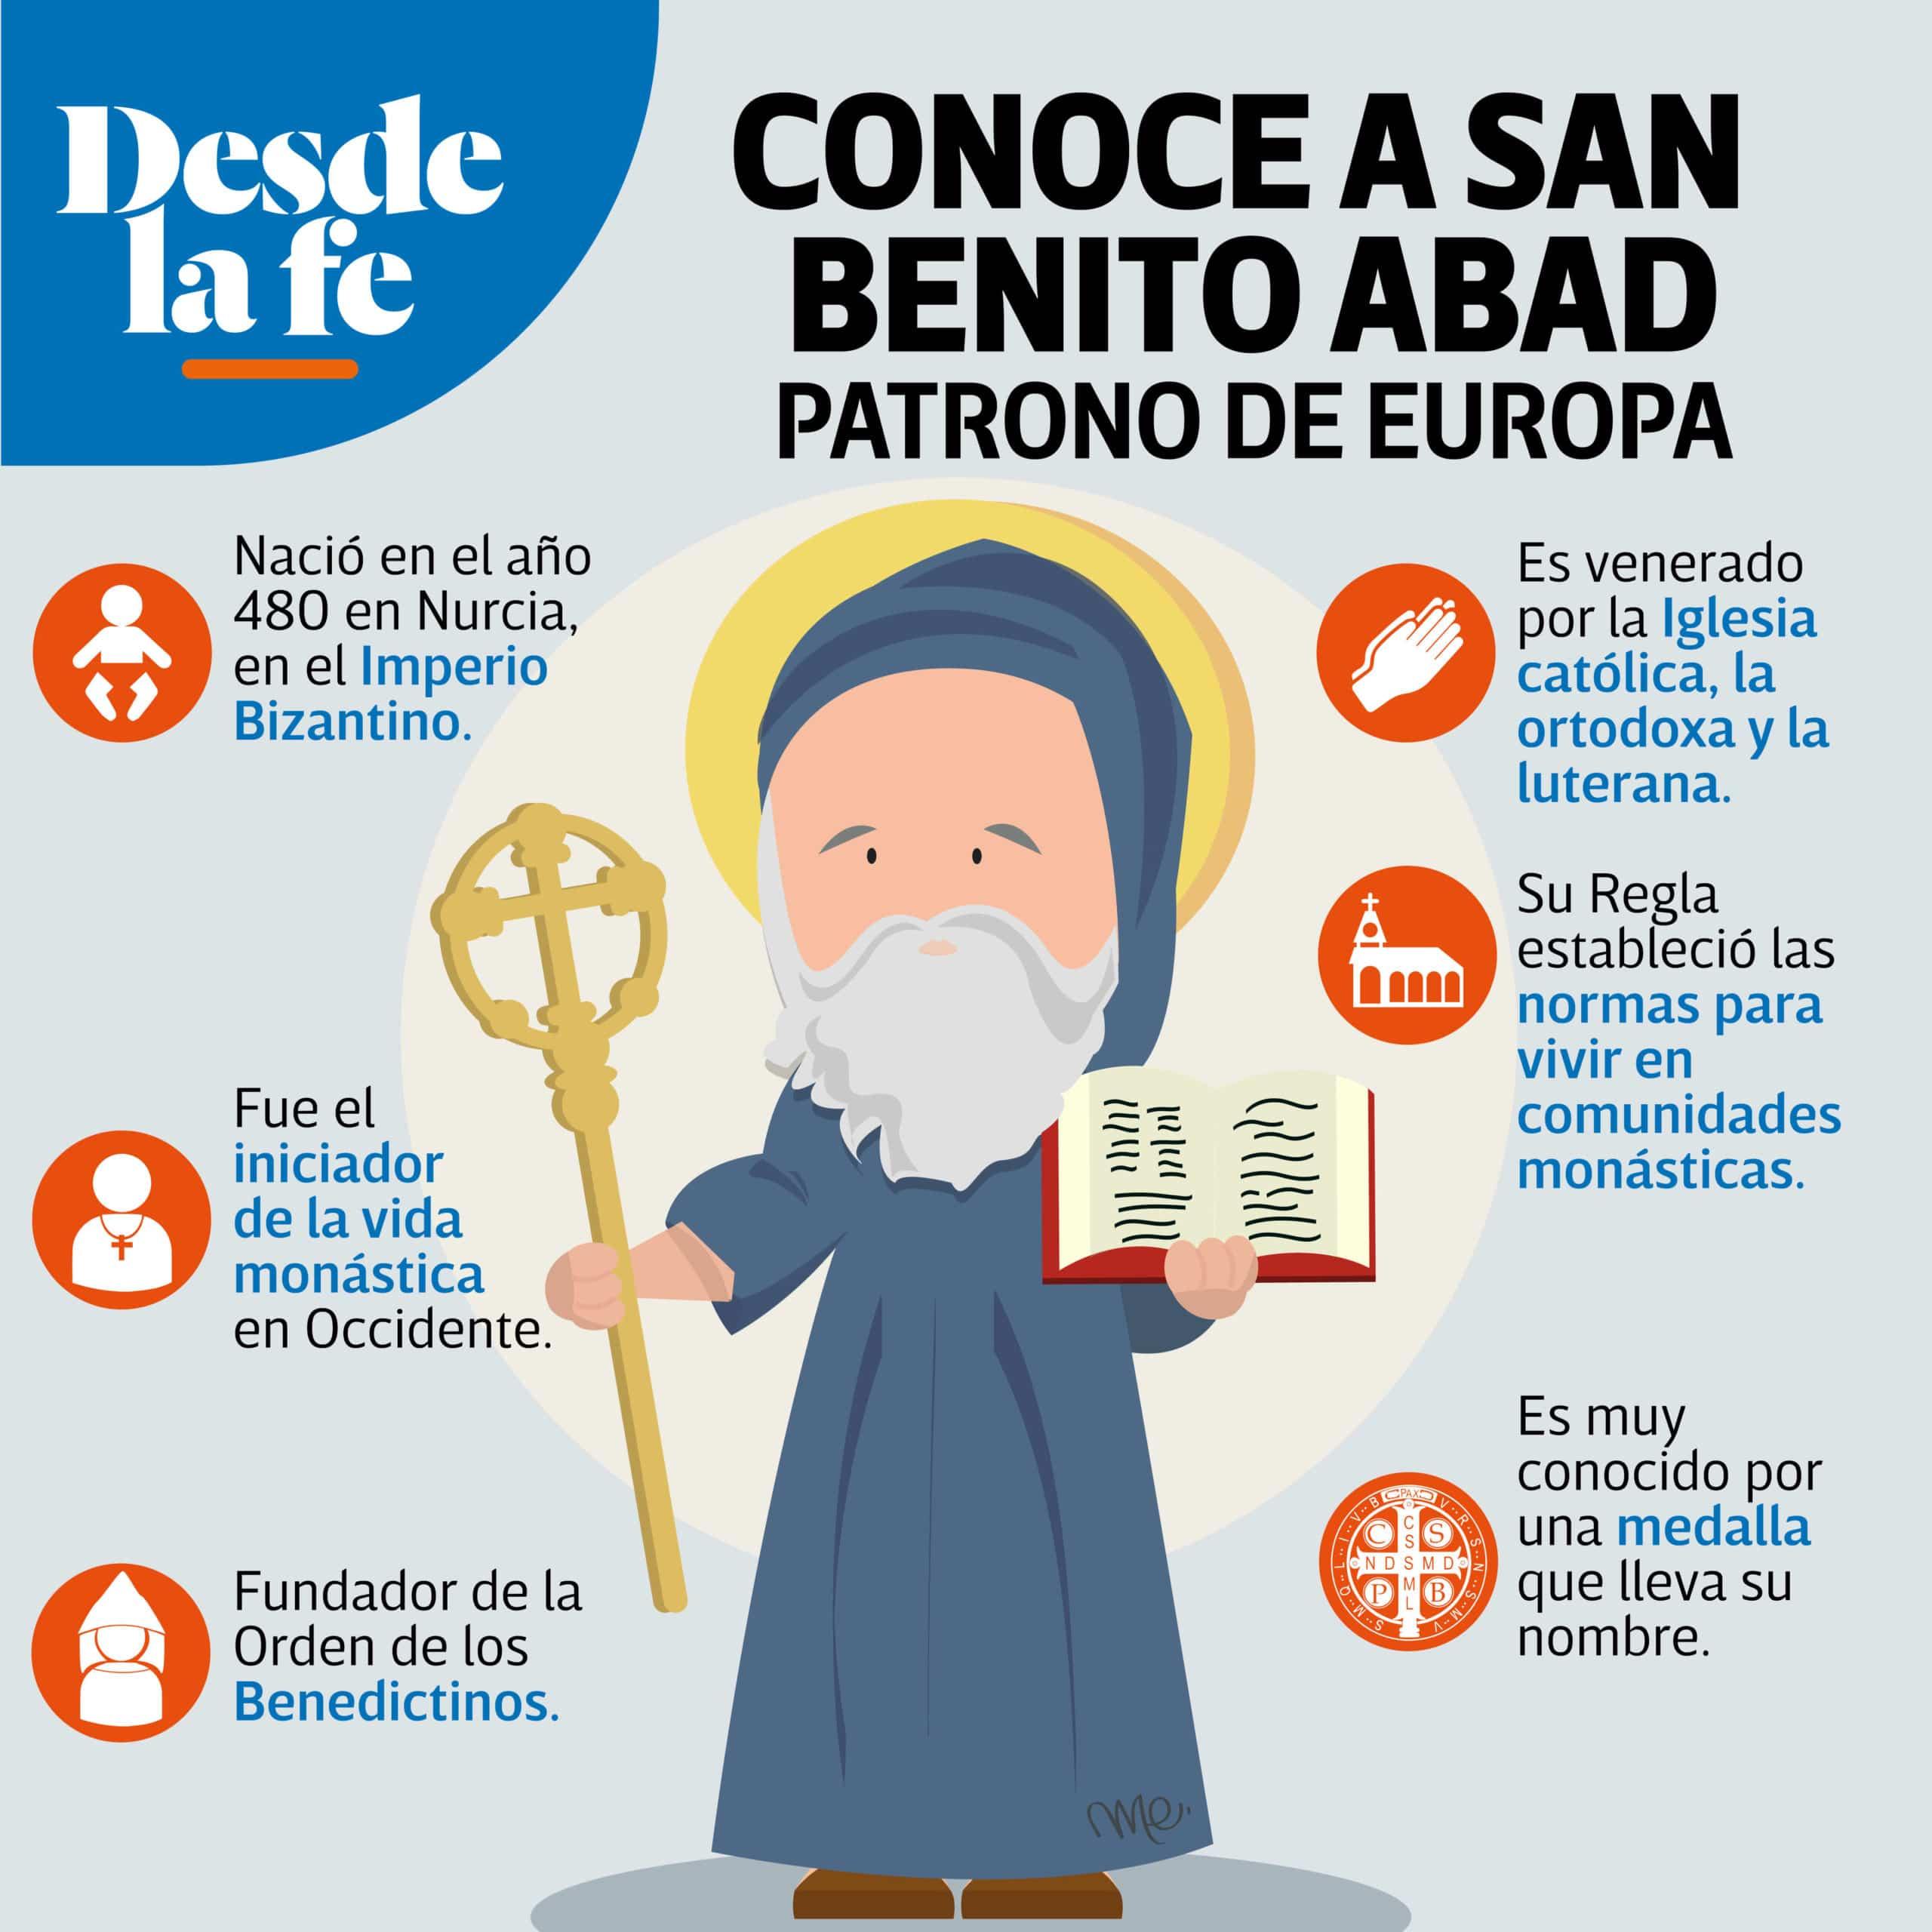 San Benito Abad, patrono de Europa.